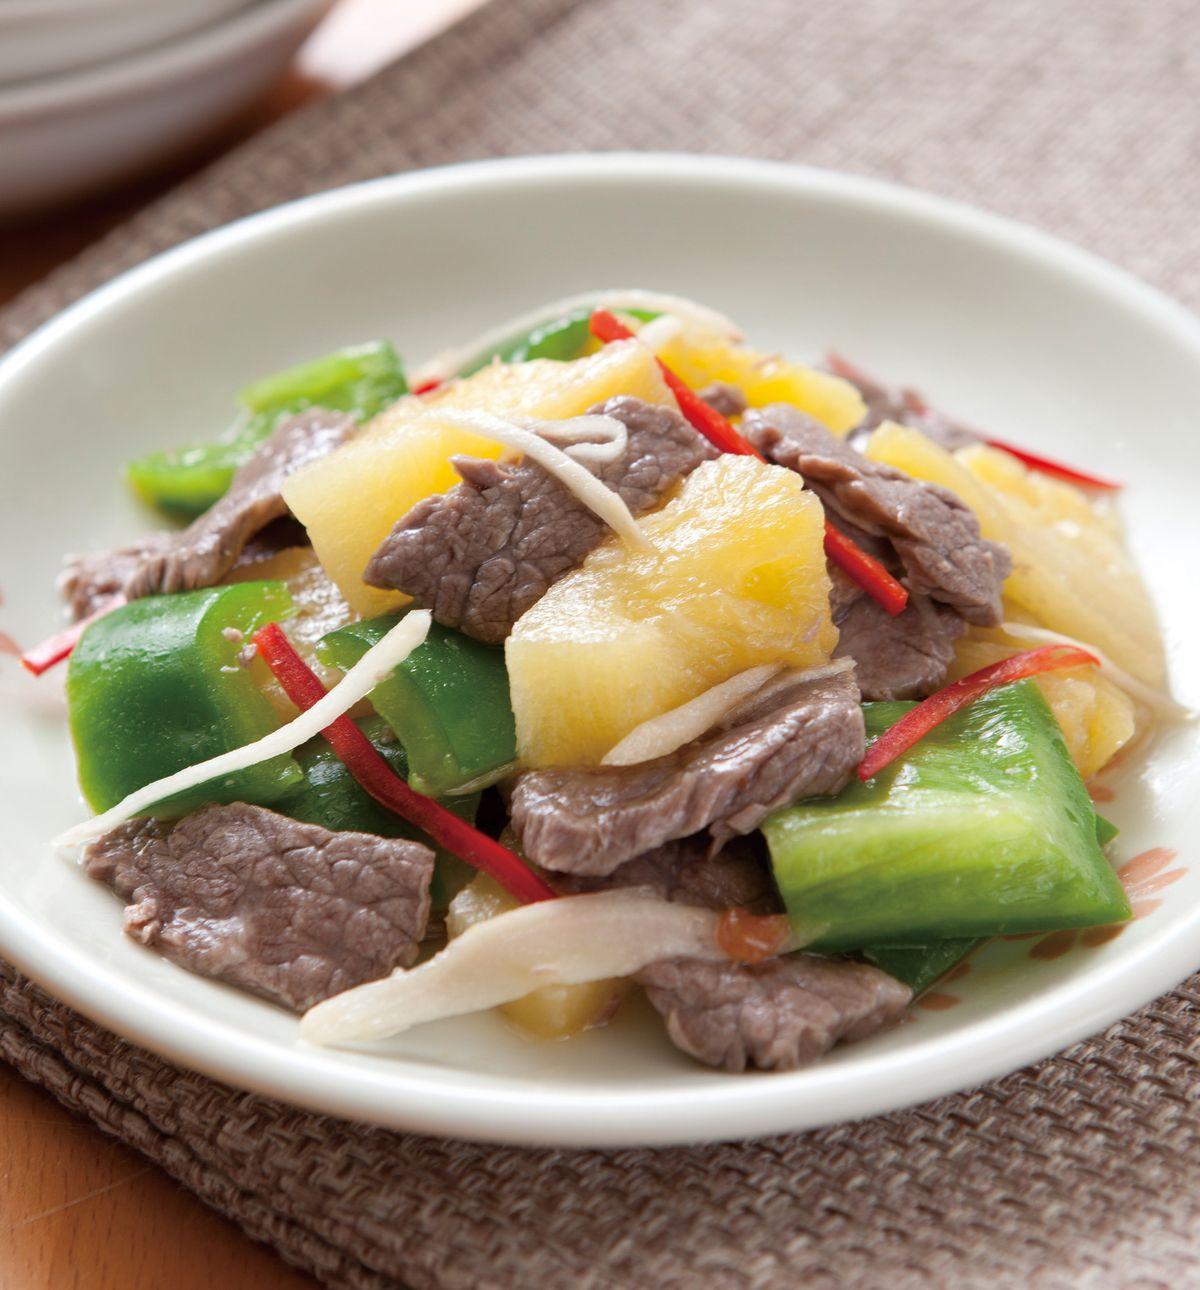 食譜:鳳梨拌牛肉